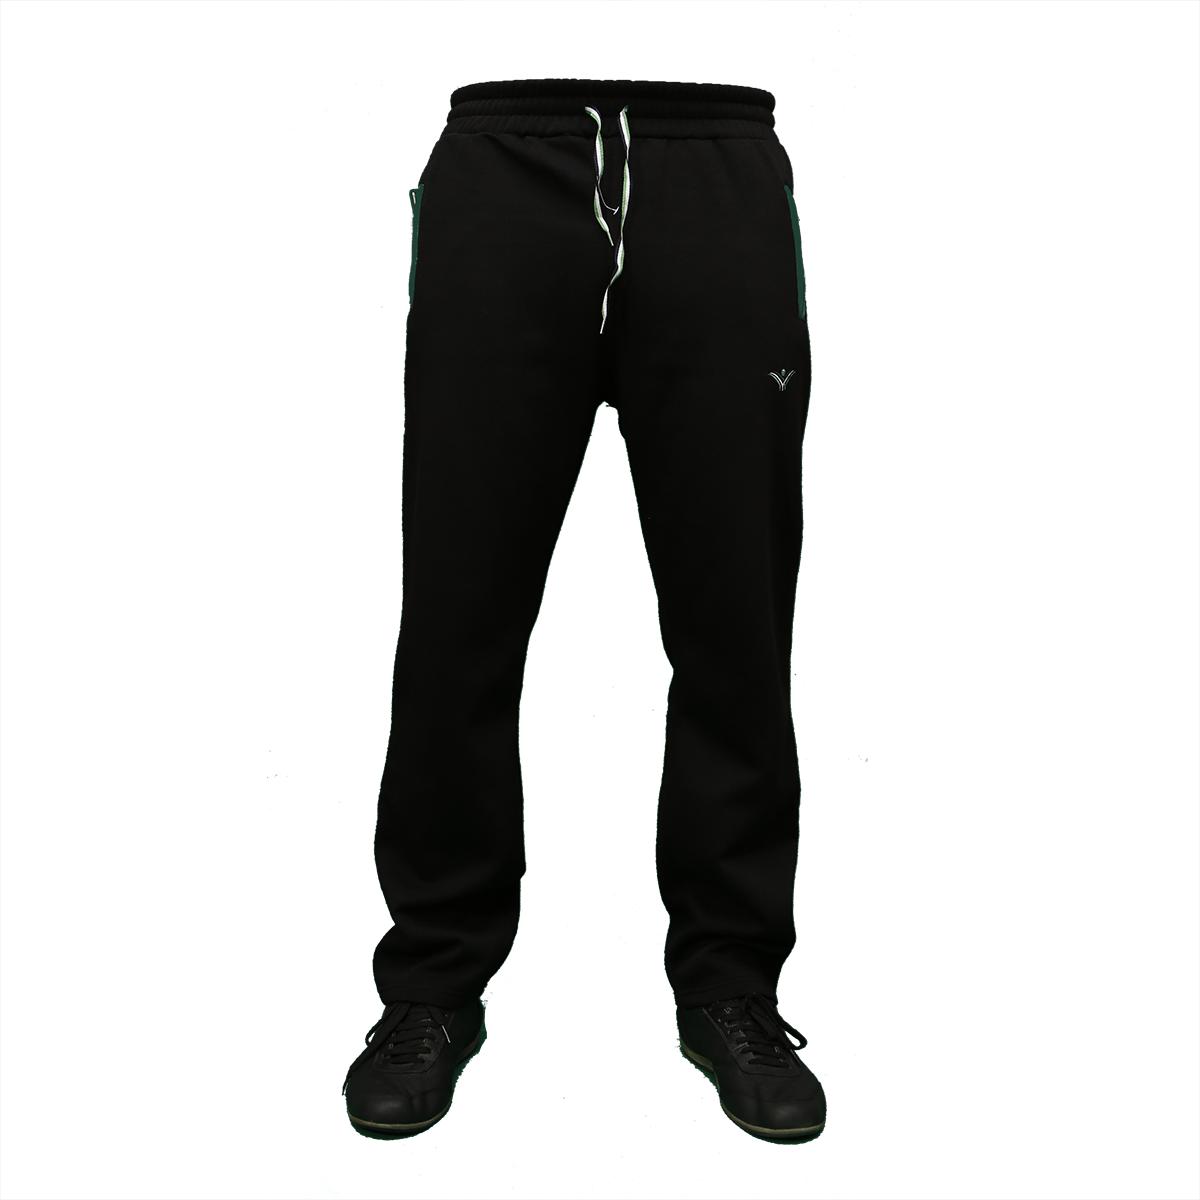 Теплые молодежные брюки байка пр-во Турция 0784 Black